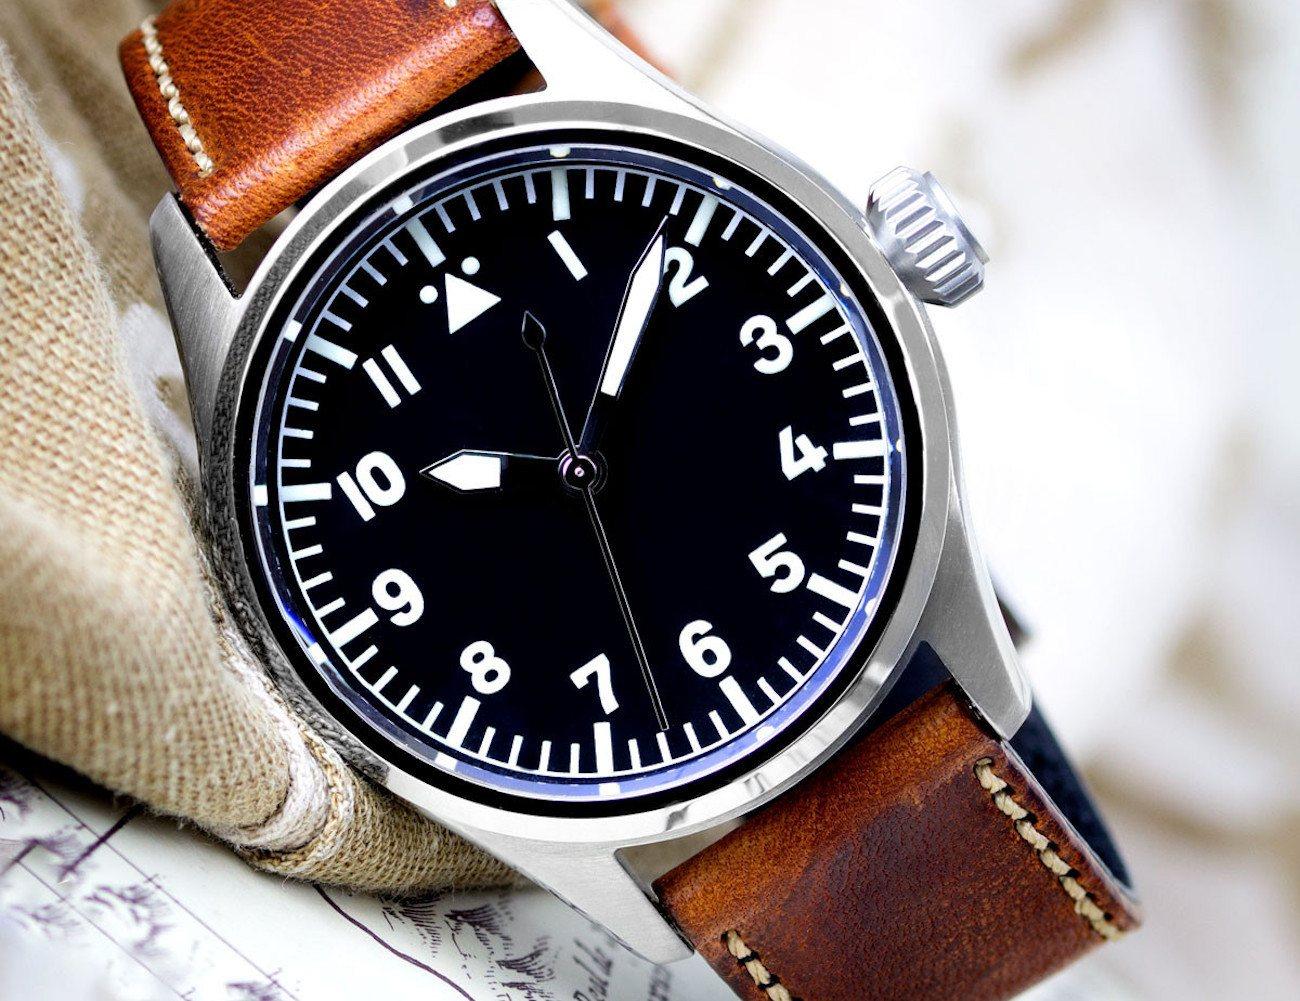 Geckota+K1+L01+Pilot+Watch